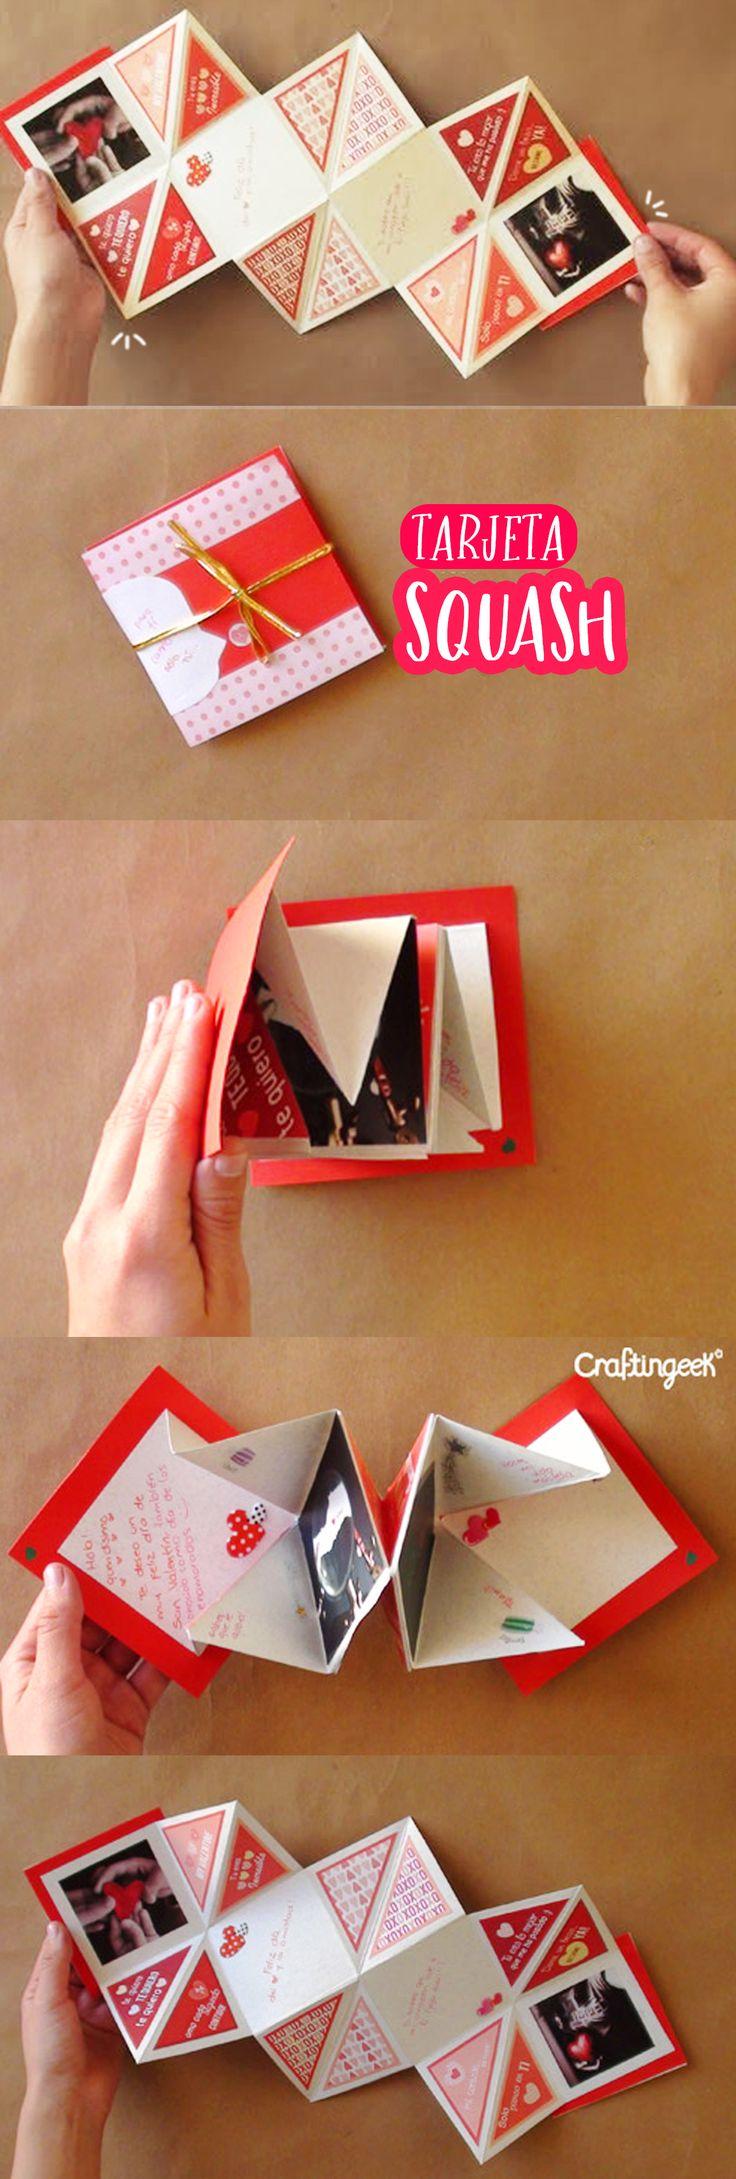 Te enseño cómo hacer paso paso una linda y fácil tarjeta squash perfecta para cualquier regalo de San Valentín para tu novio o novia ¡te va a encantar!